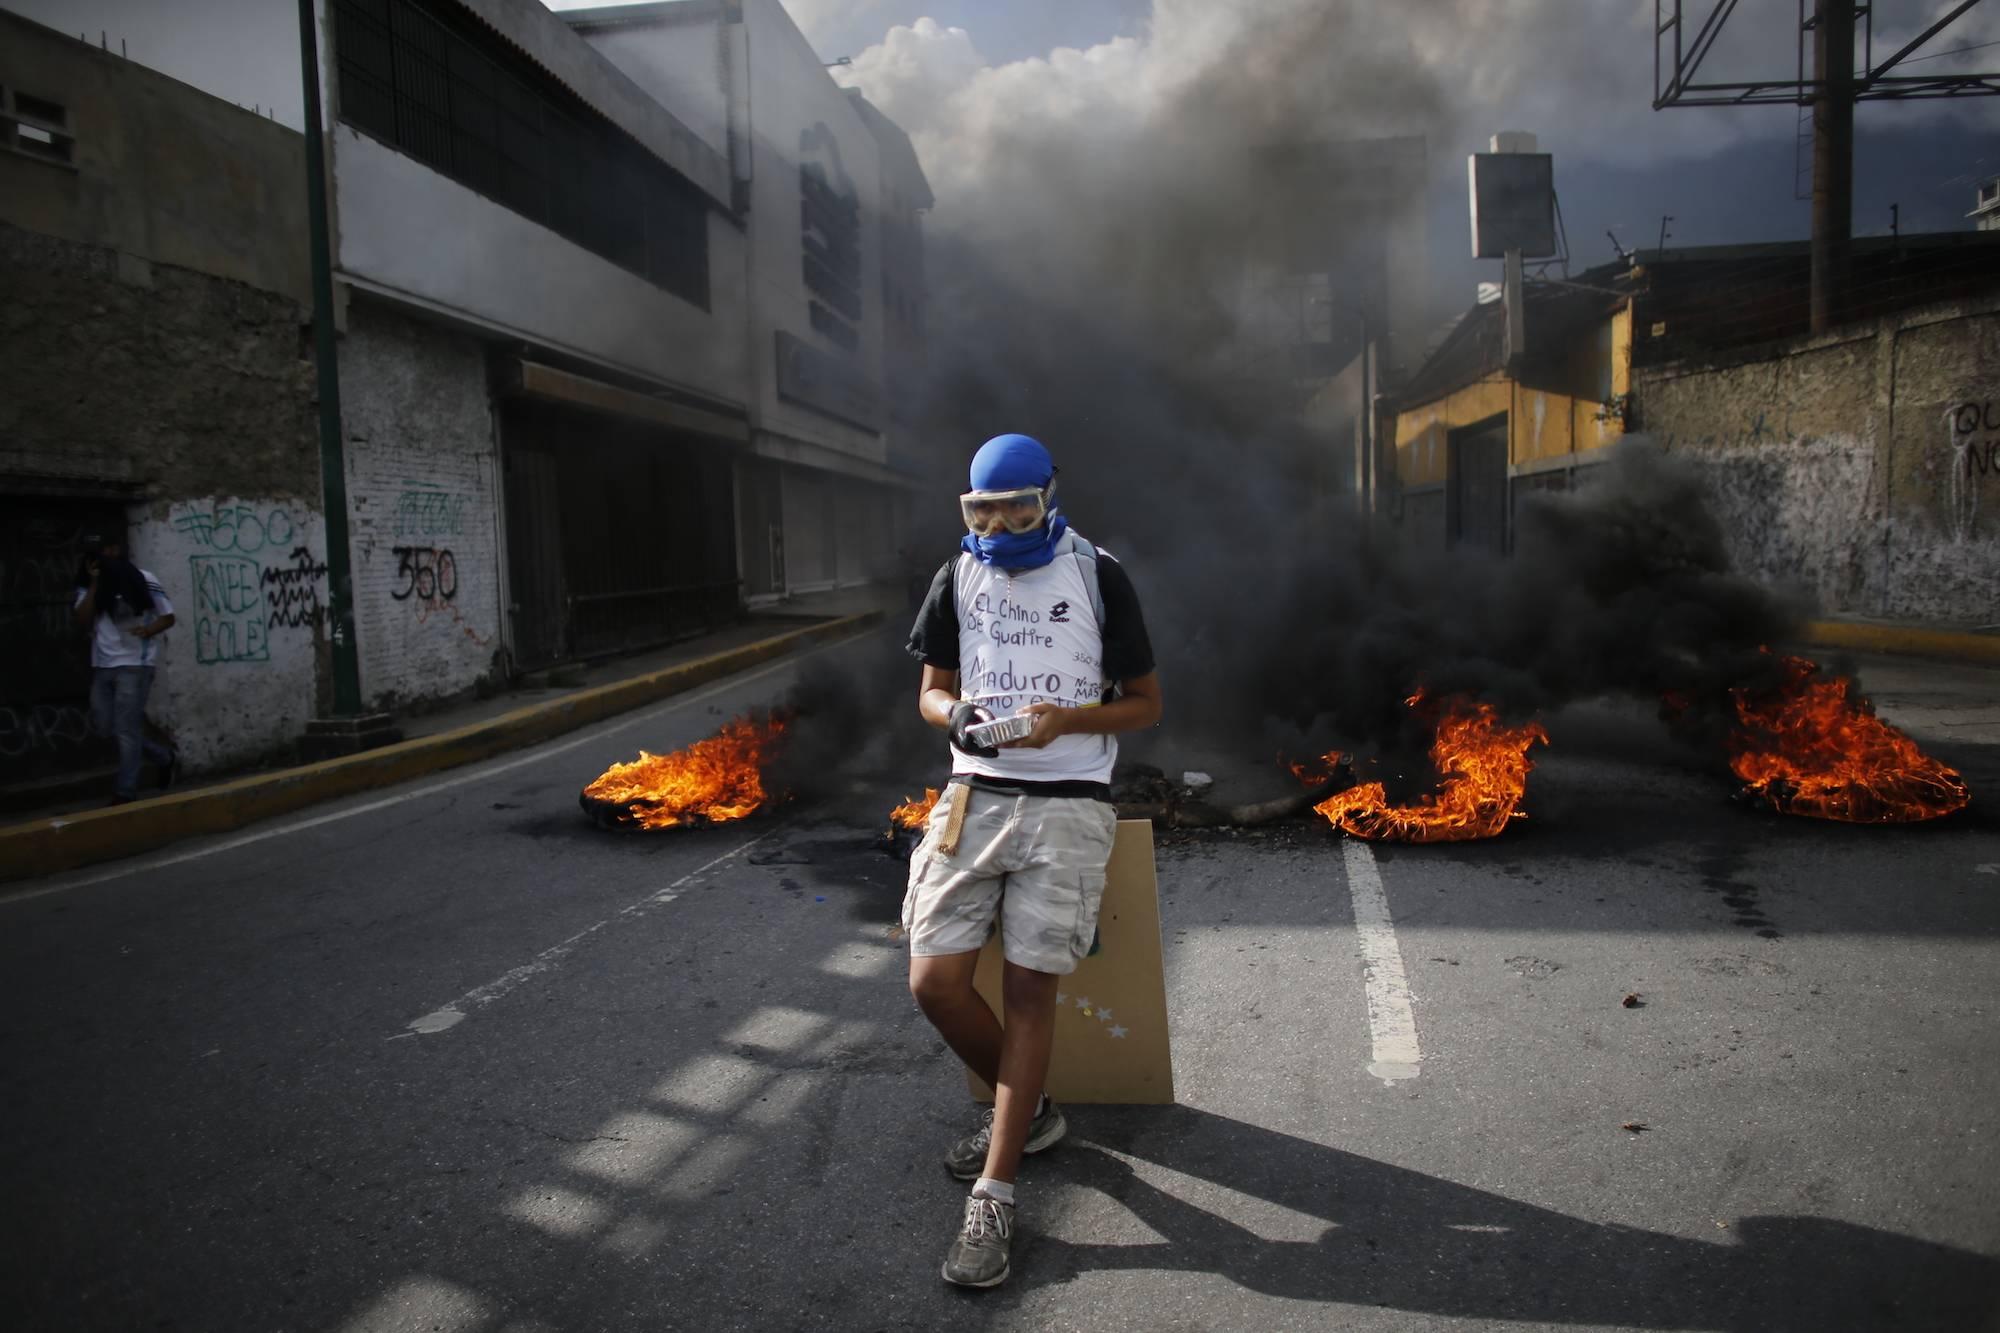 Un manifestante anti-gobierno descansa sobre su escudo en un bloque de carreteras, durante una protesta en Caracas, Venezuela, hoy jueves 6 de julio de 2017. Las protestas de la oposición exigen nuevas elecciones y denuncian inflación de tres dígitos, esc